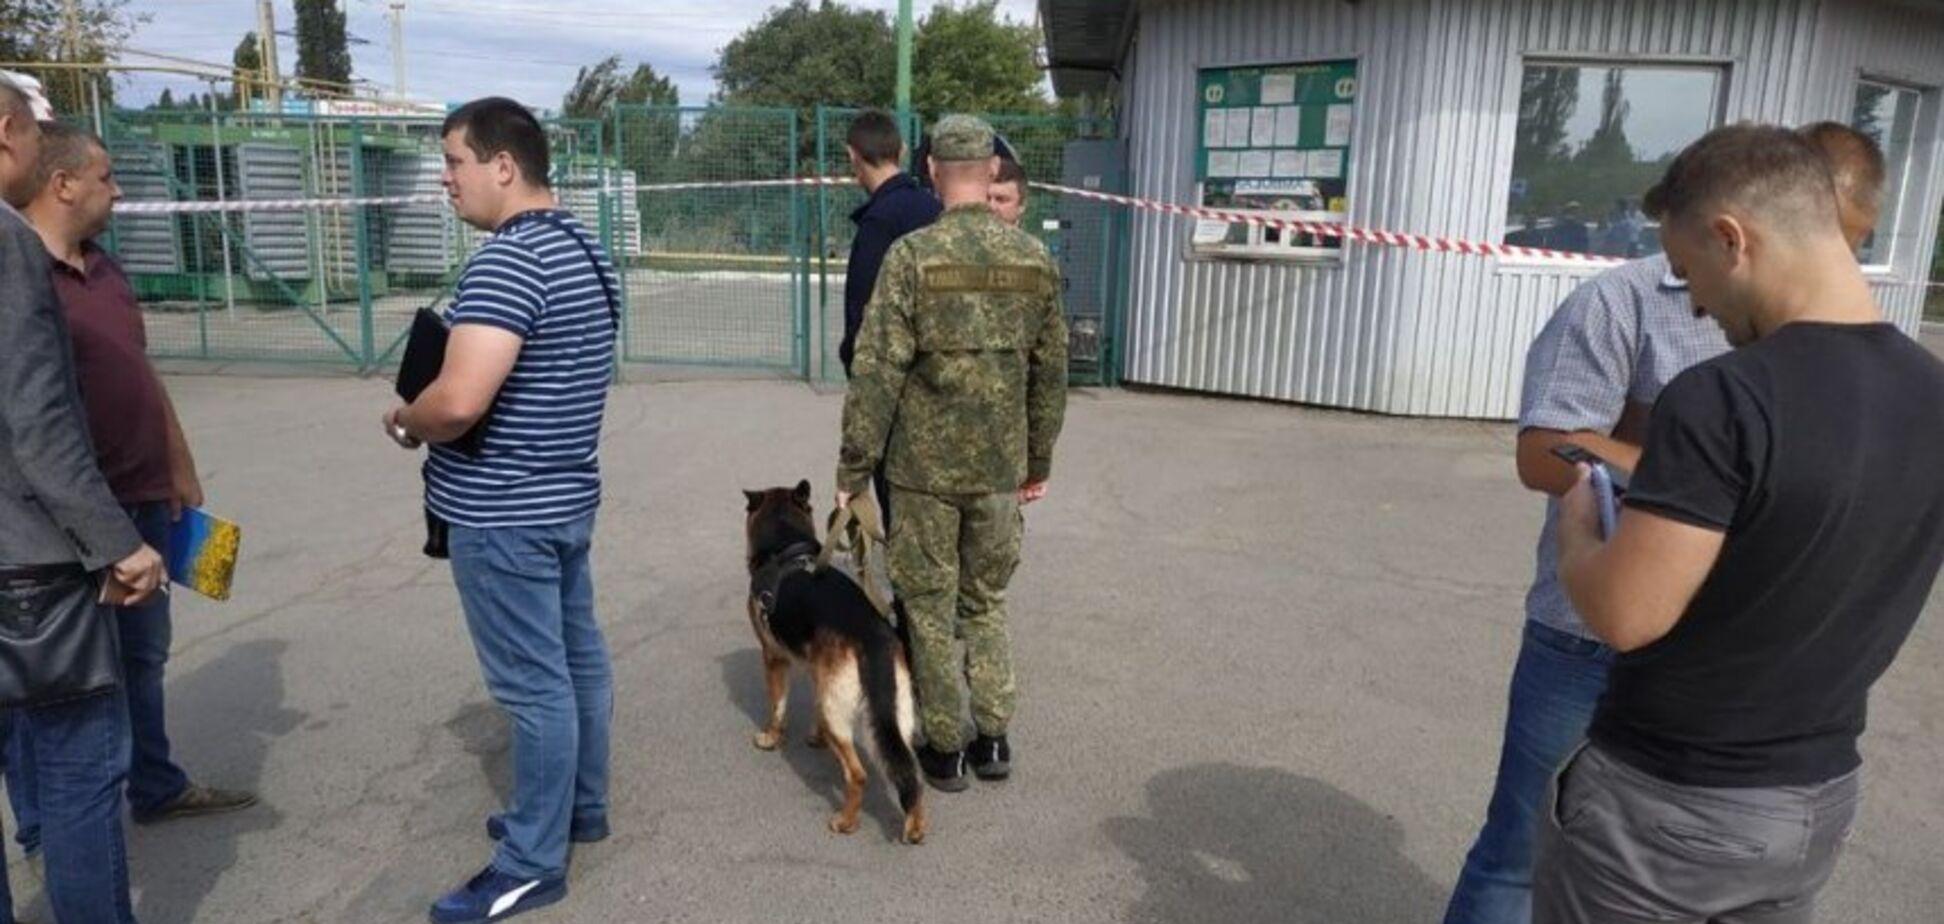 Вбивство на АЗС у Миколаєві: опубліковано перше відео з місця НП